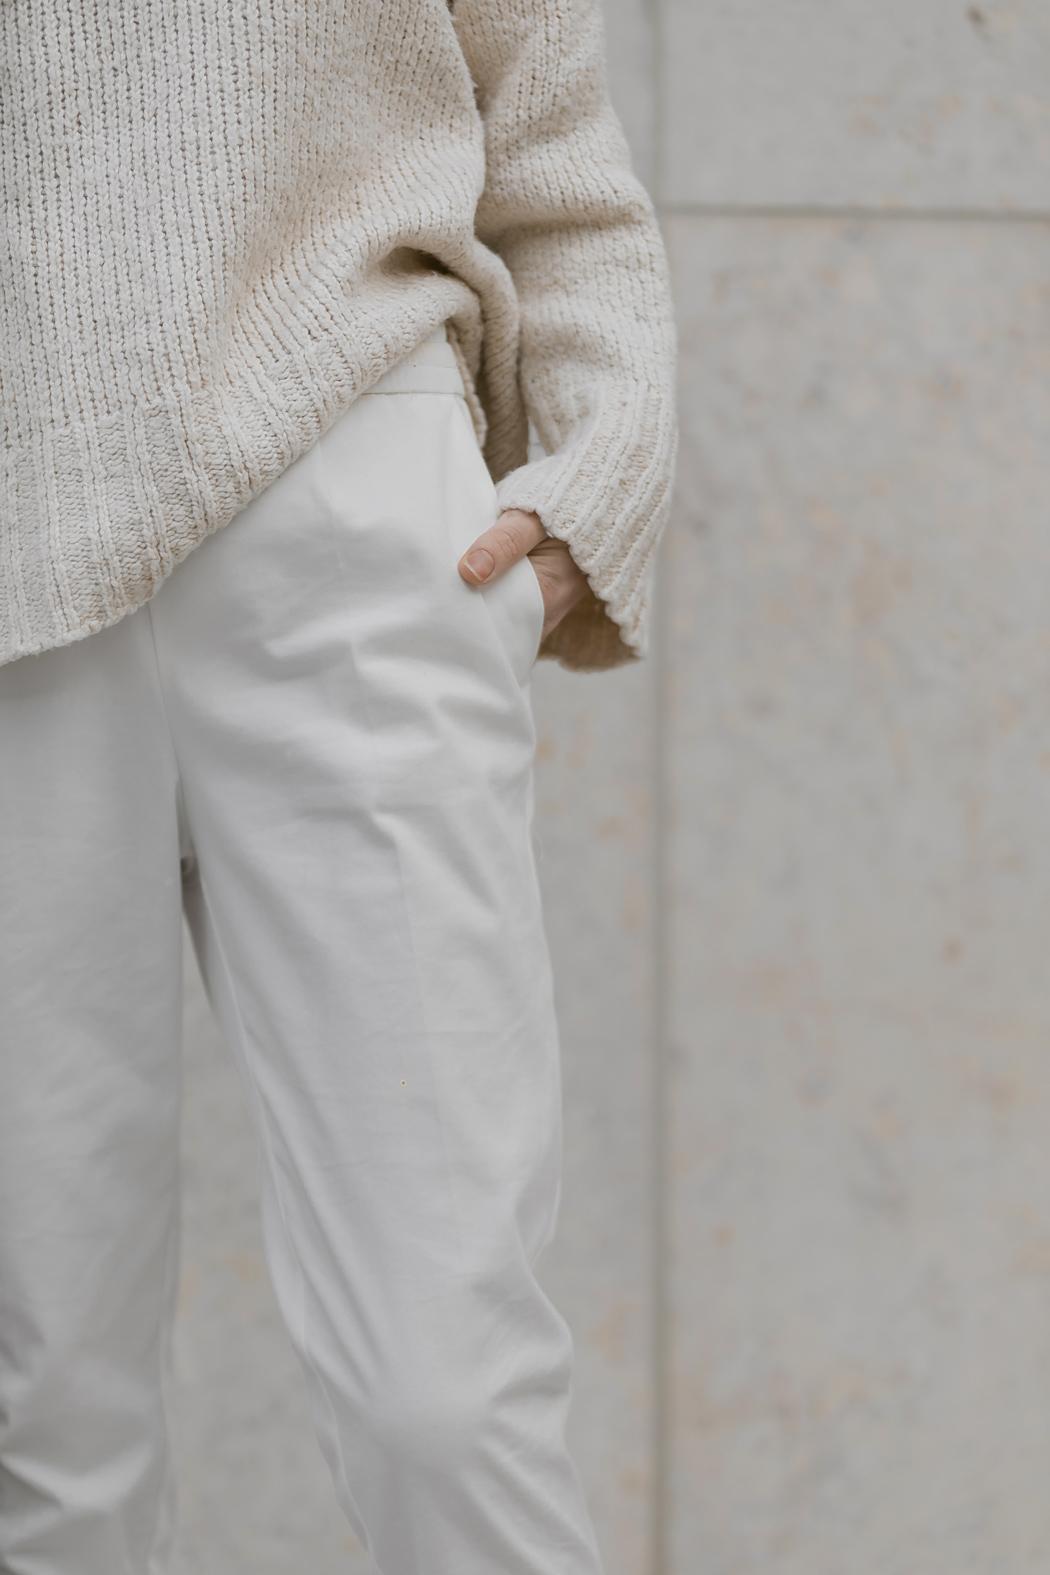 jasmin-kessler-white-winter-outfit-designer-handbag-blogger-2019-b2